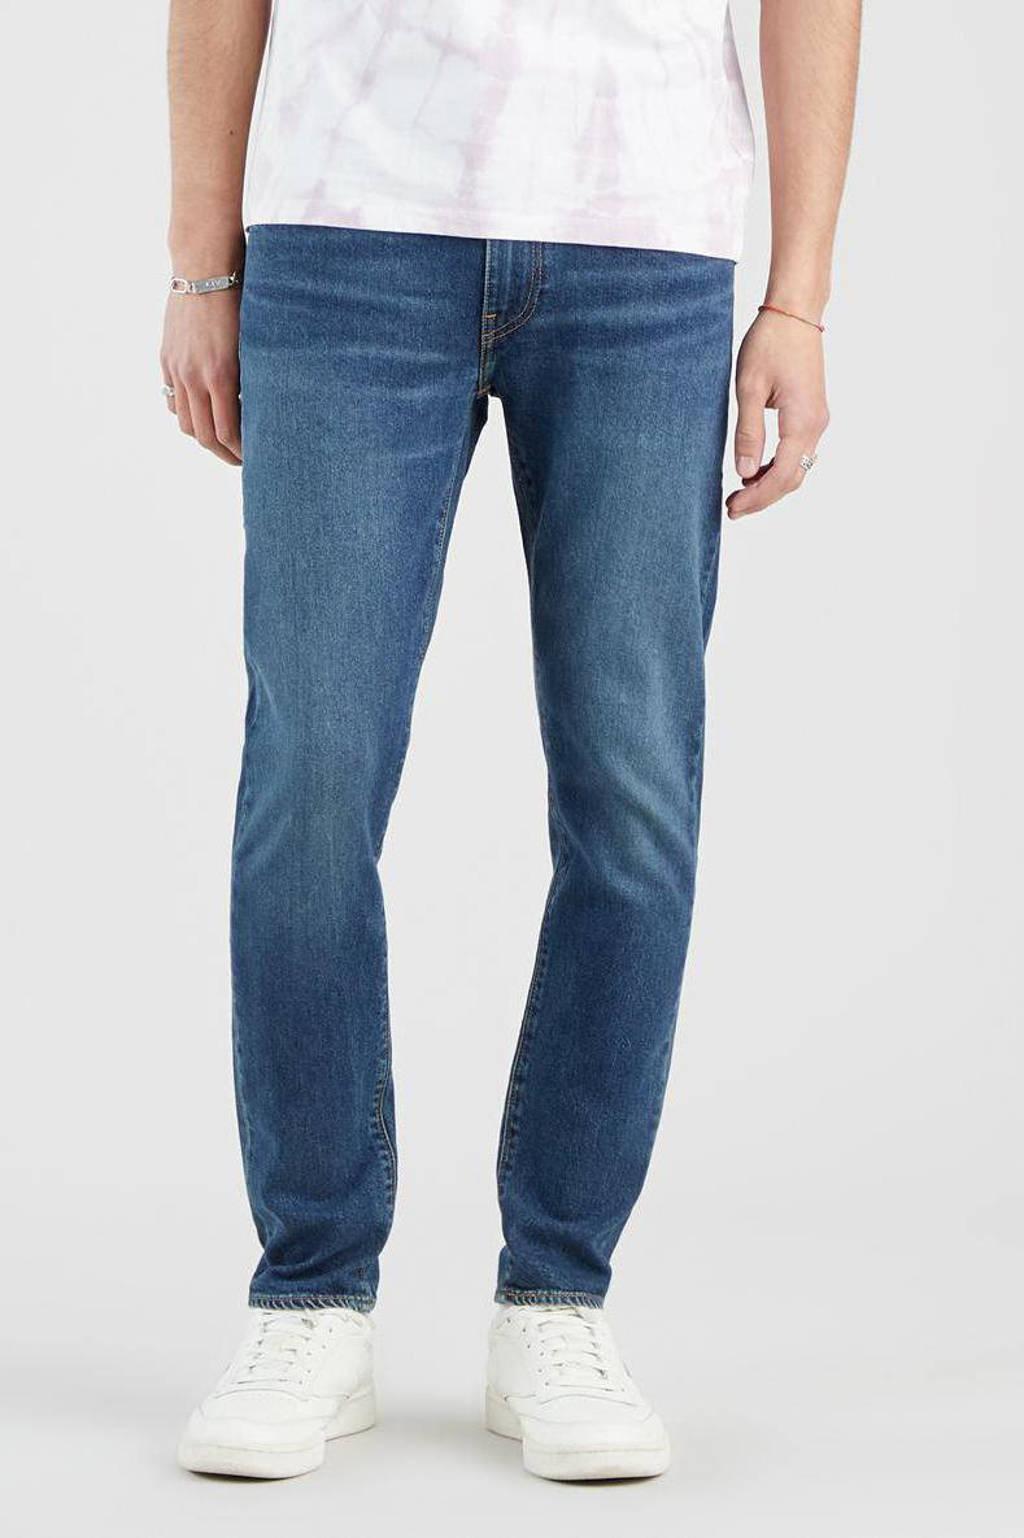 Levi's 512 slim fit jeans paros go adv, Paros go adv